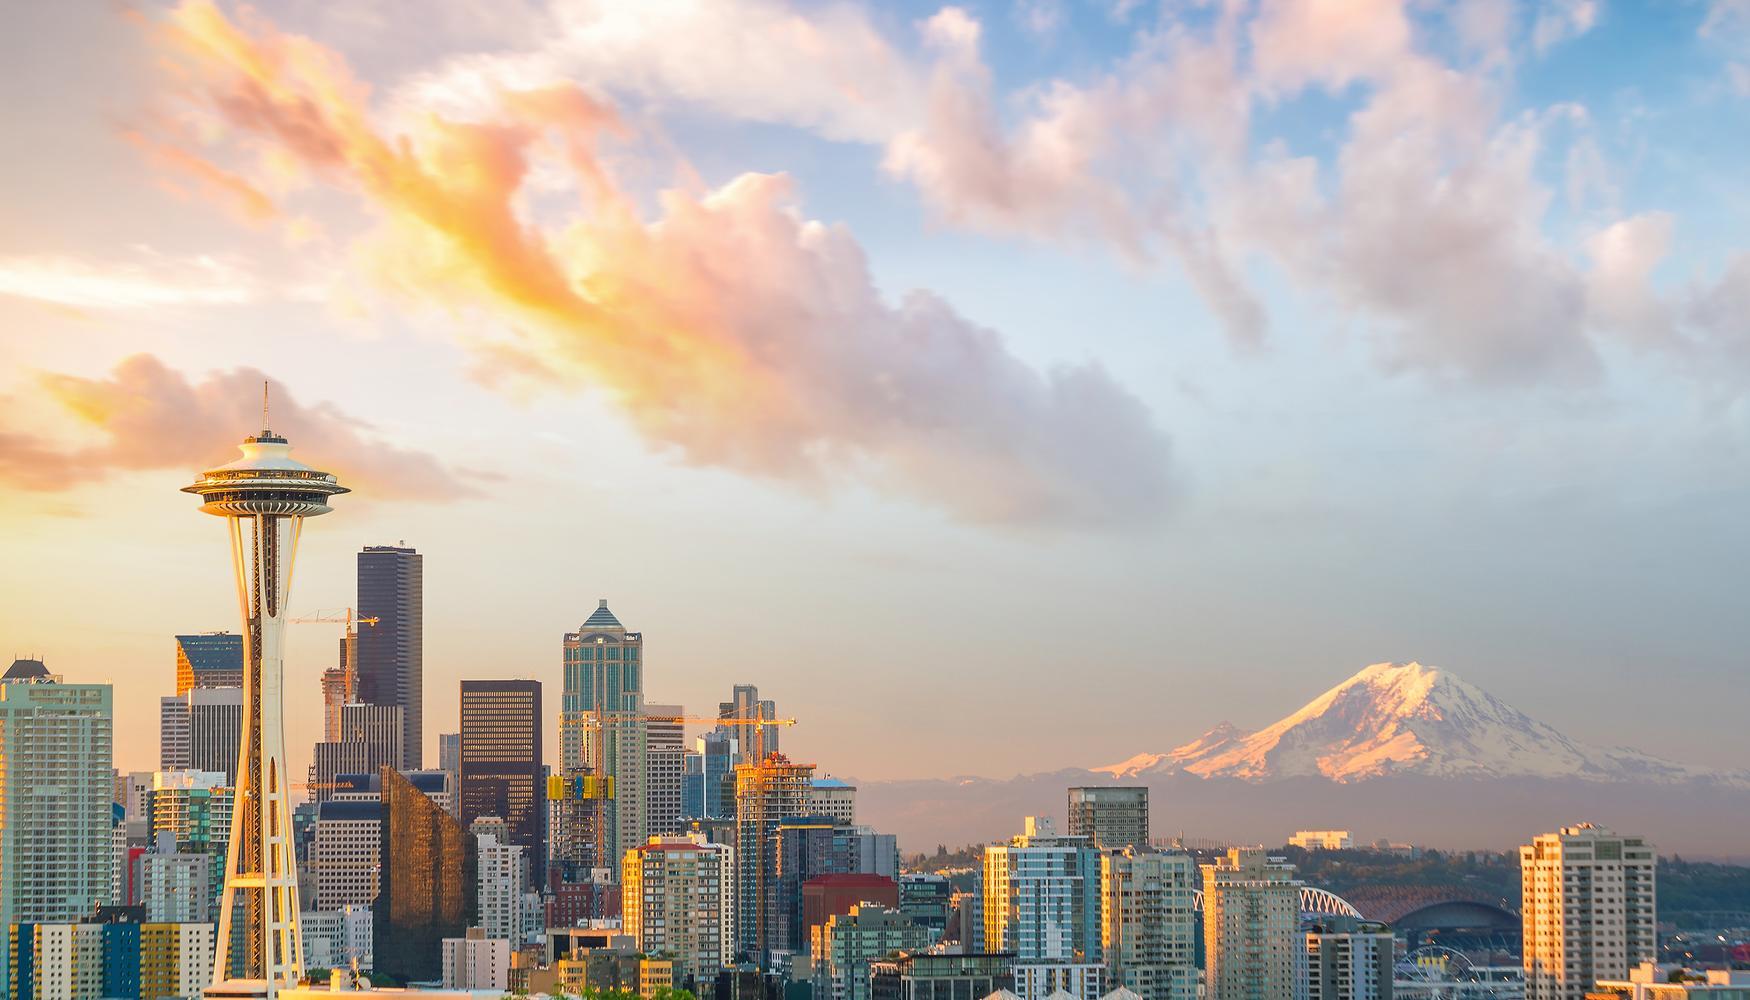 西雅图 金镇国际机场的租车